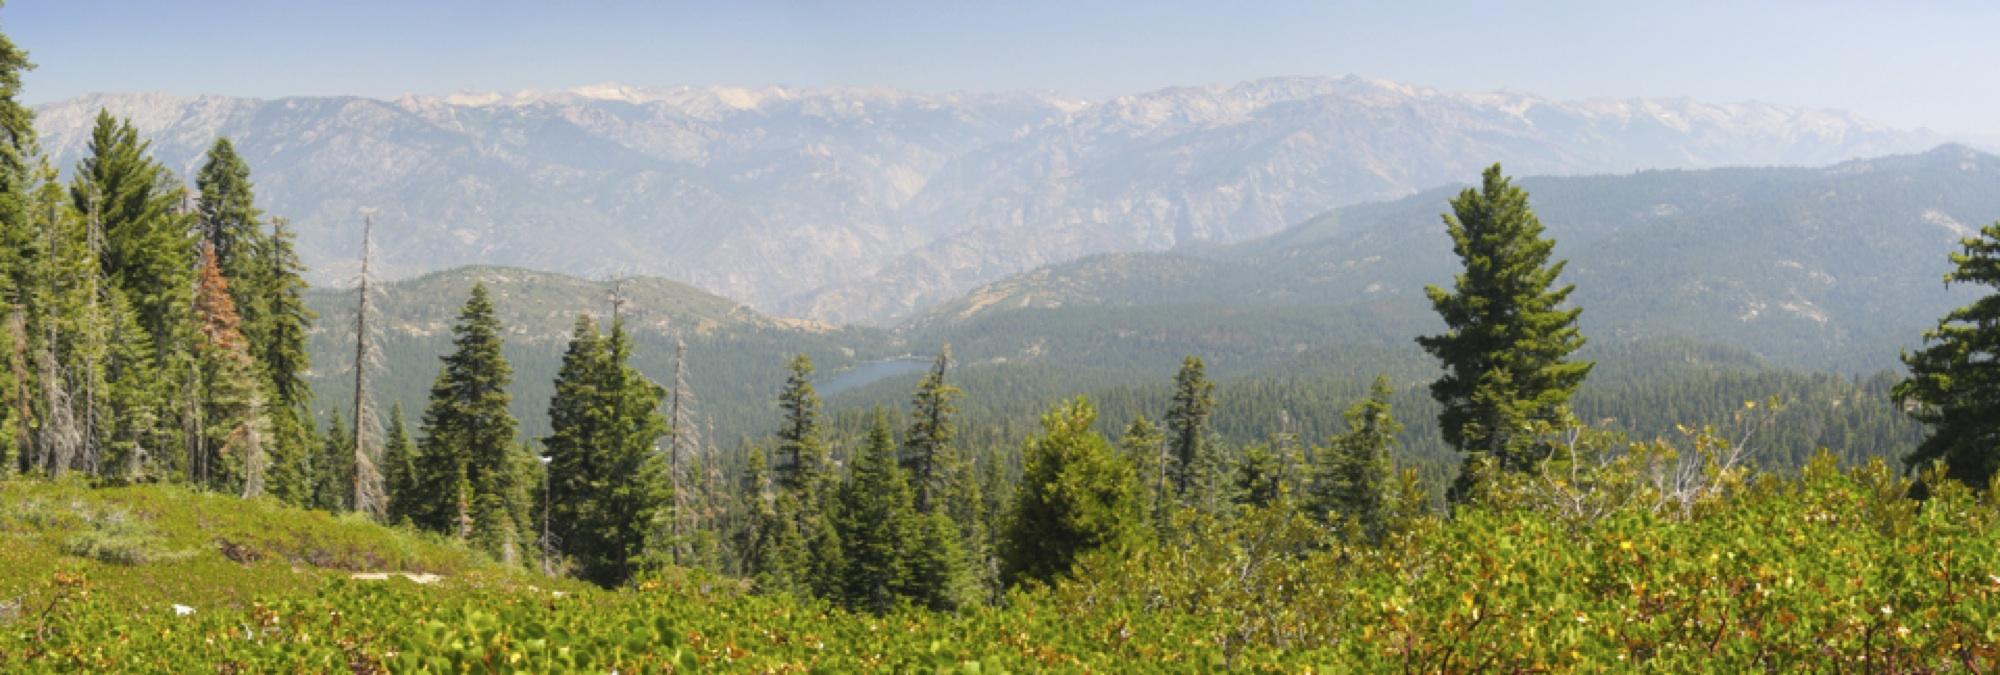 southern sierra landscape